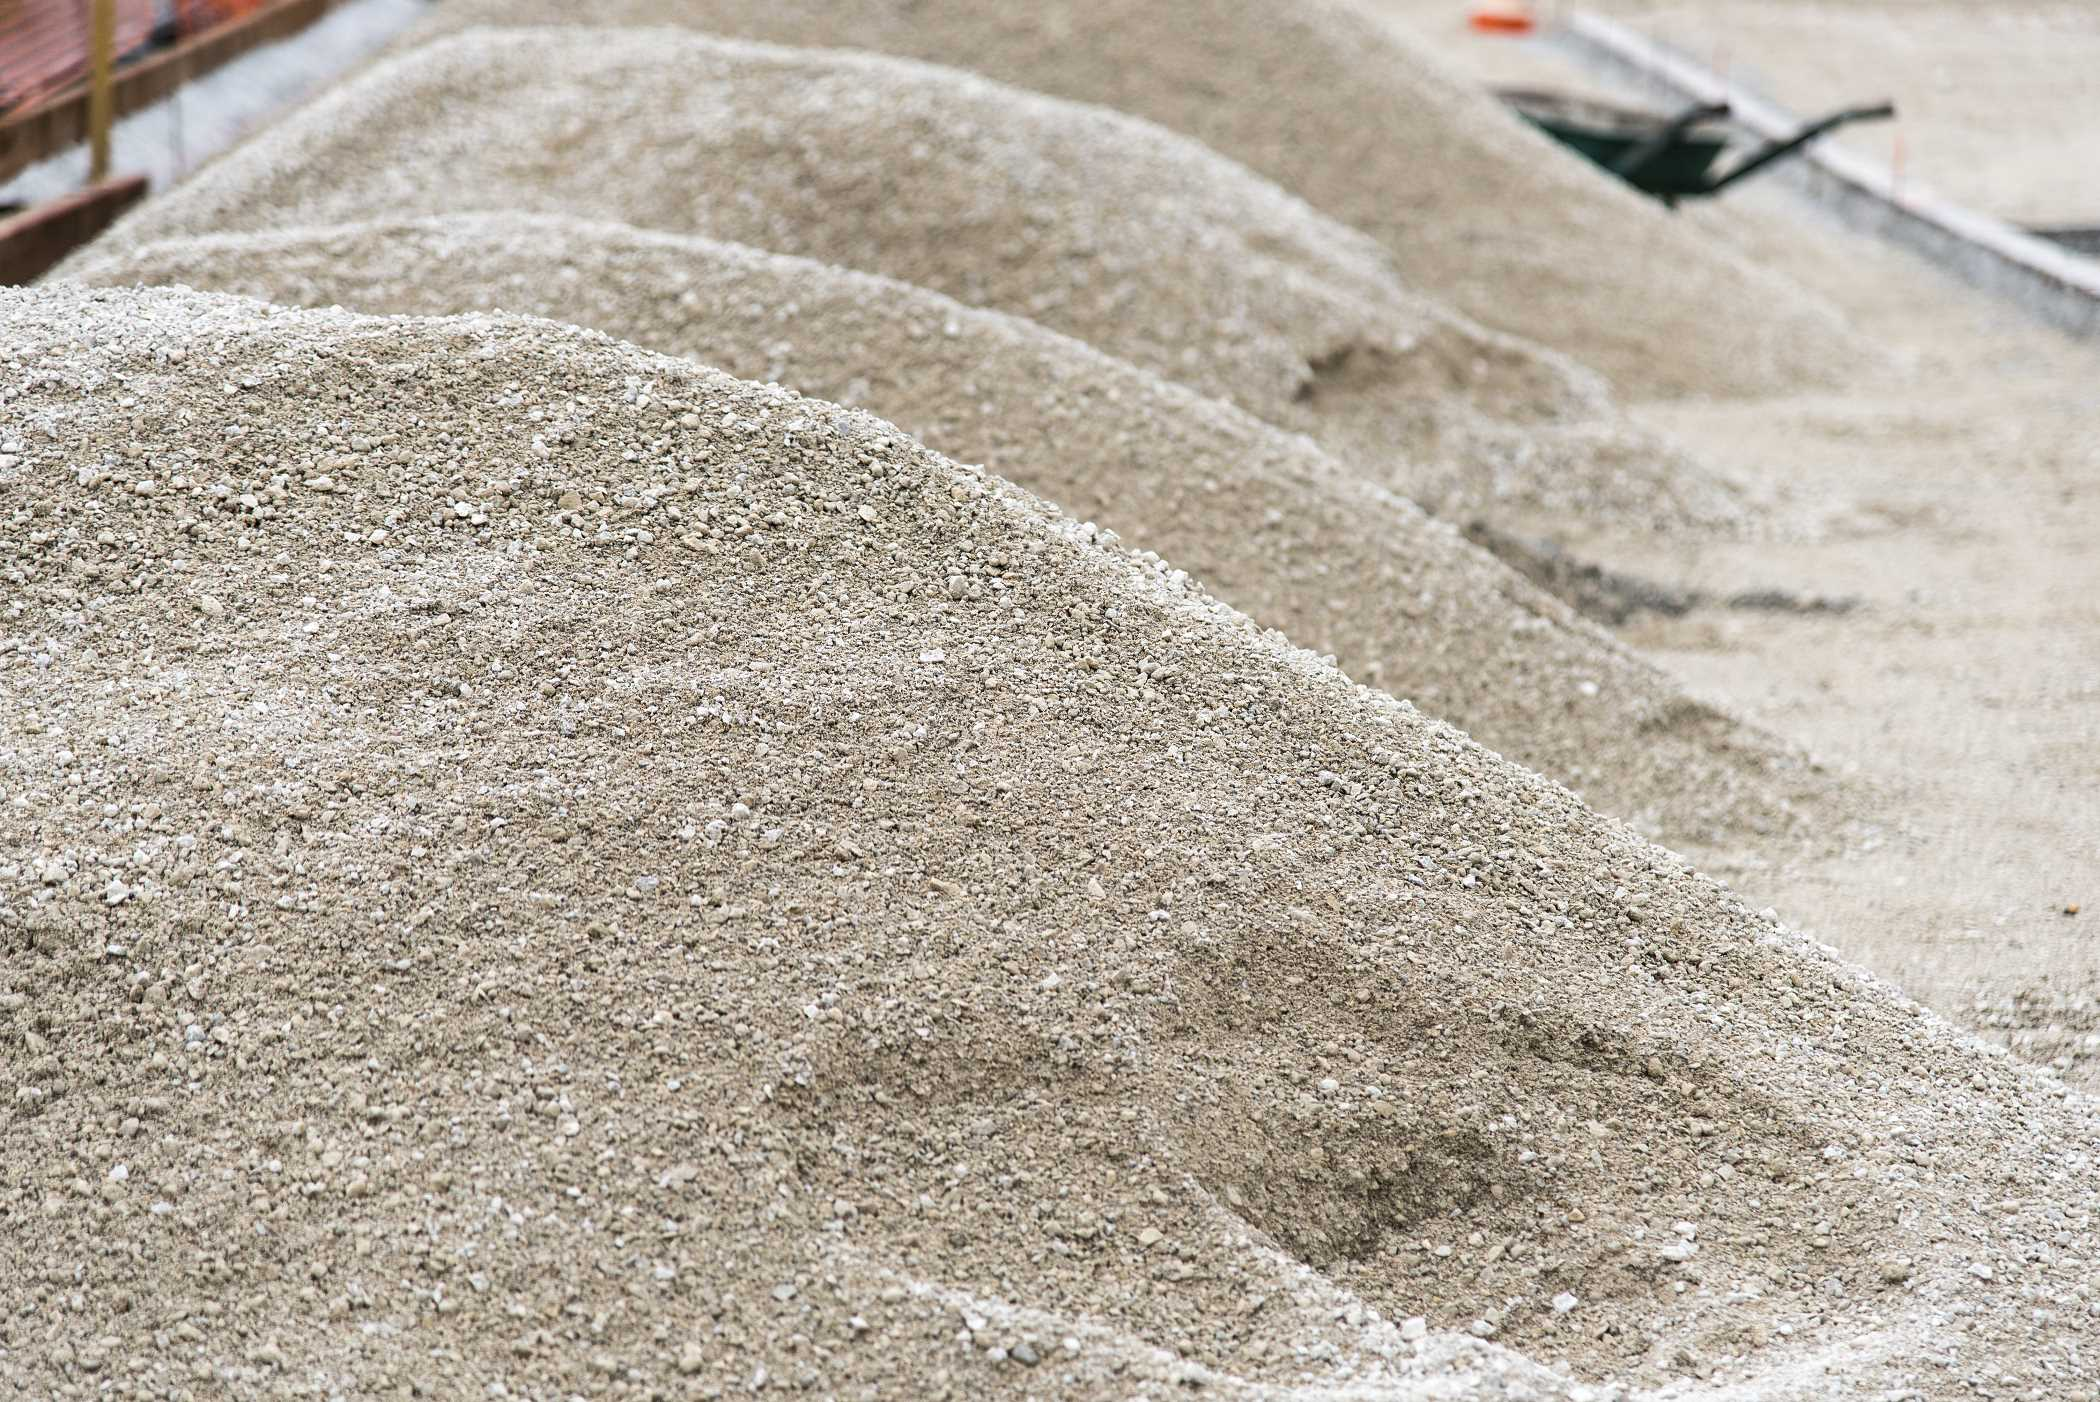 Кварцевый песок можно использовать для различных видов строительных